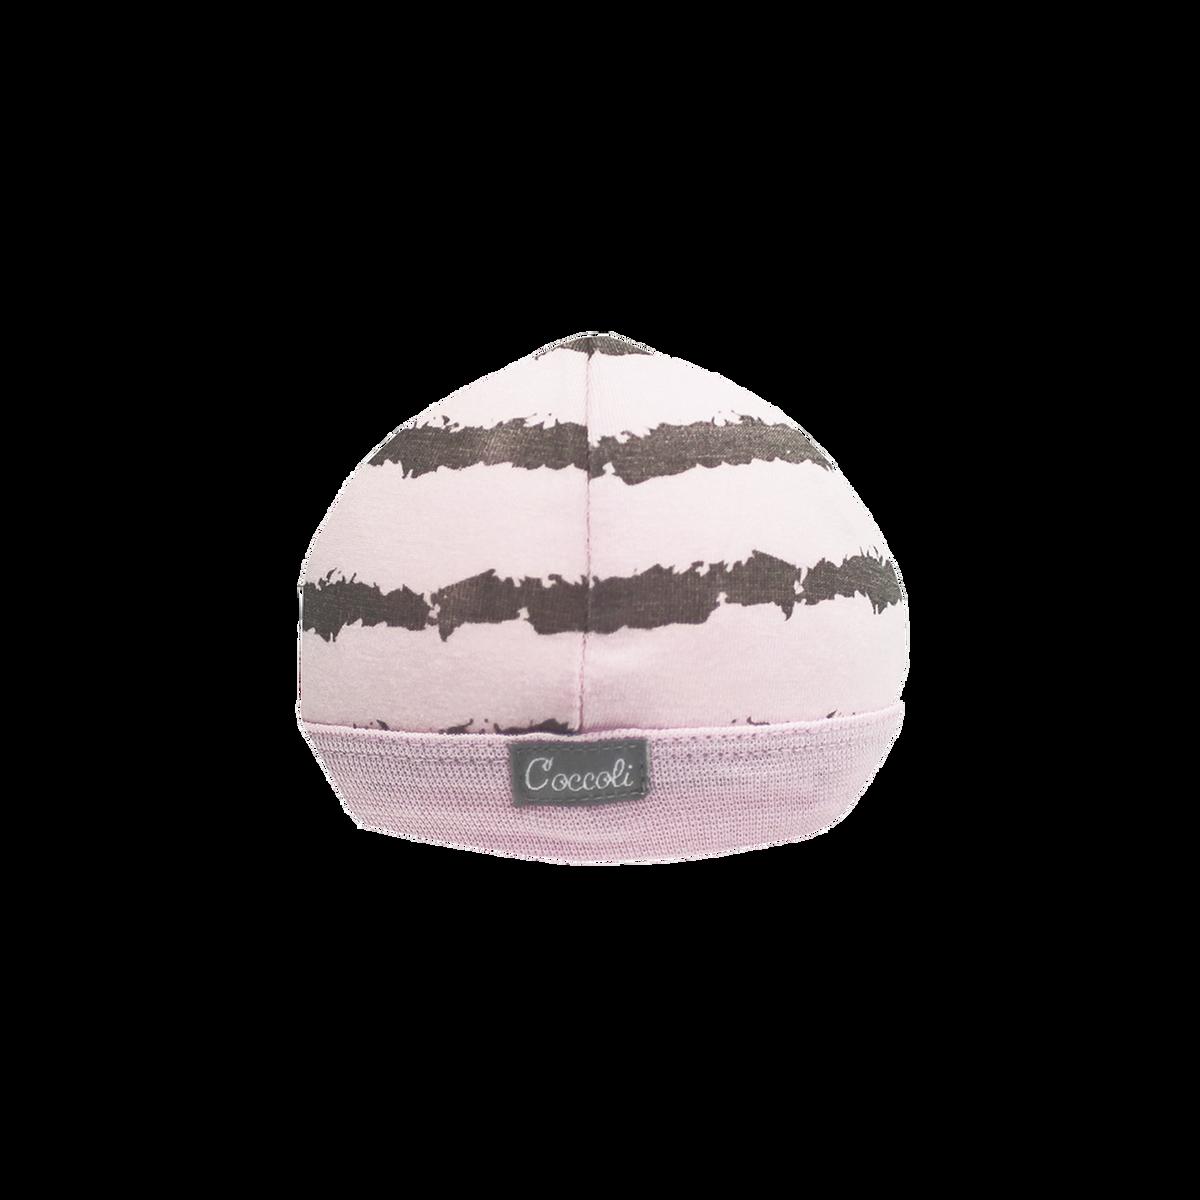 Coccoli Modal | Cap | N/1 - 9/12m | B4107-267